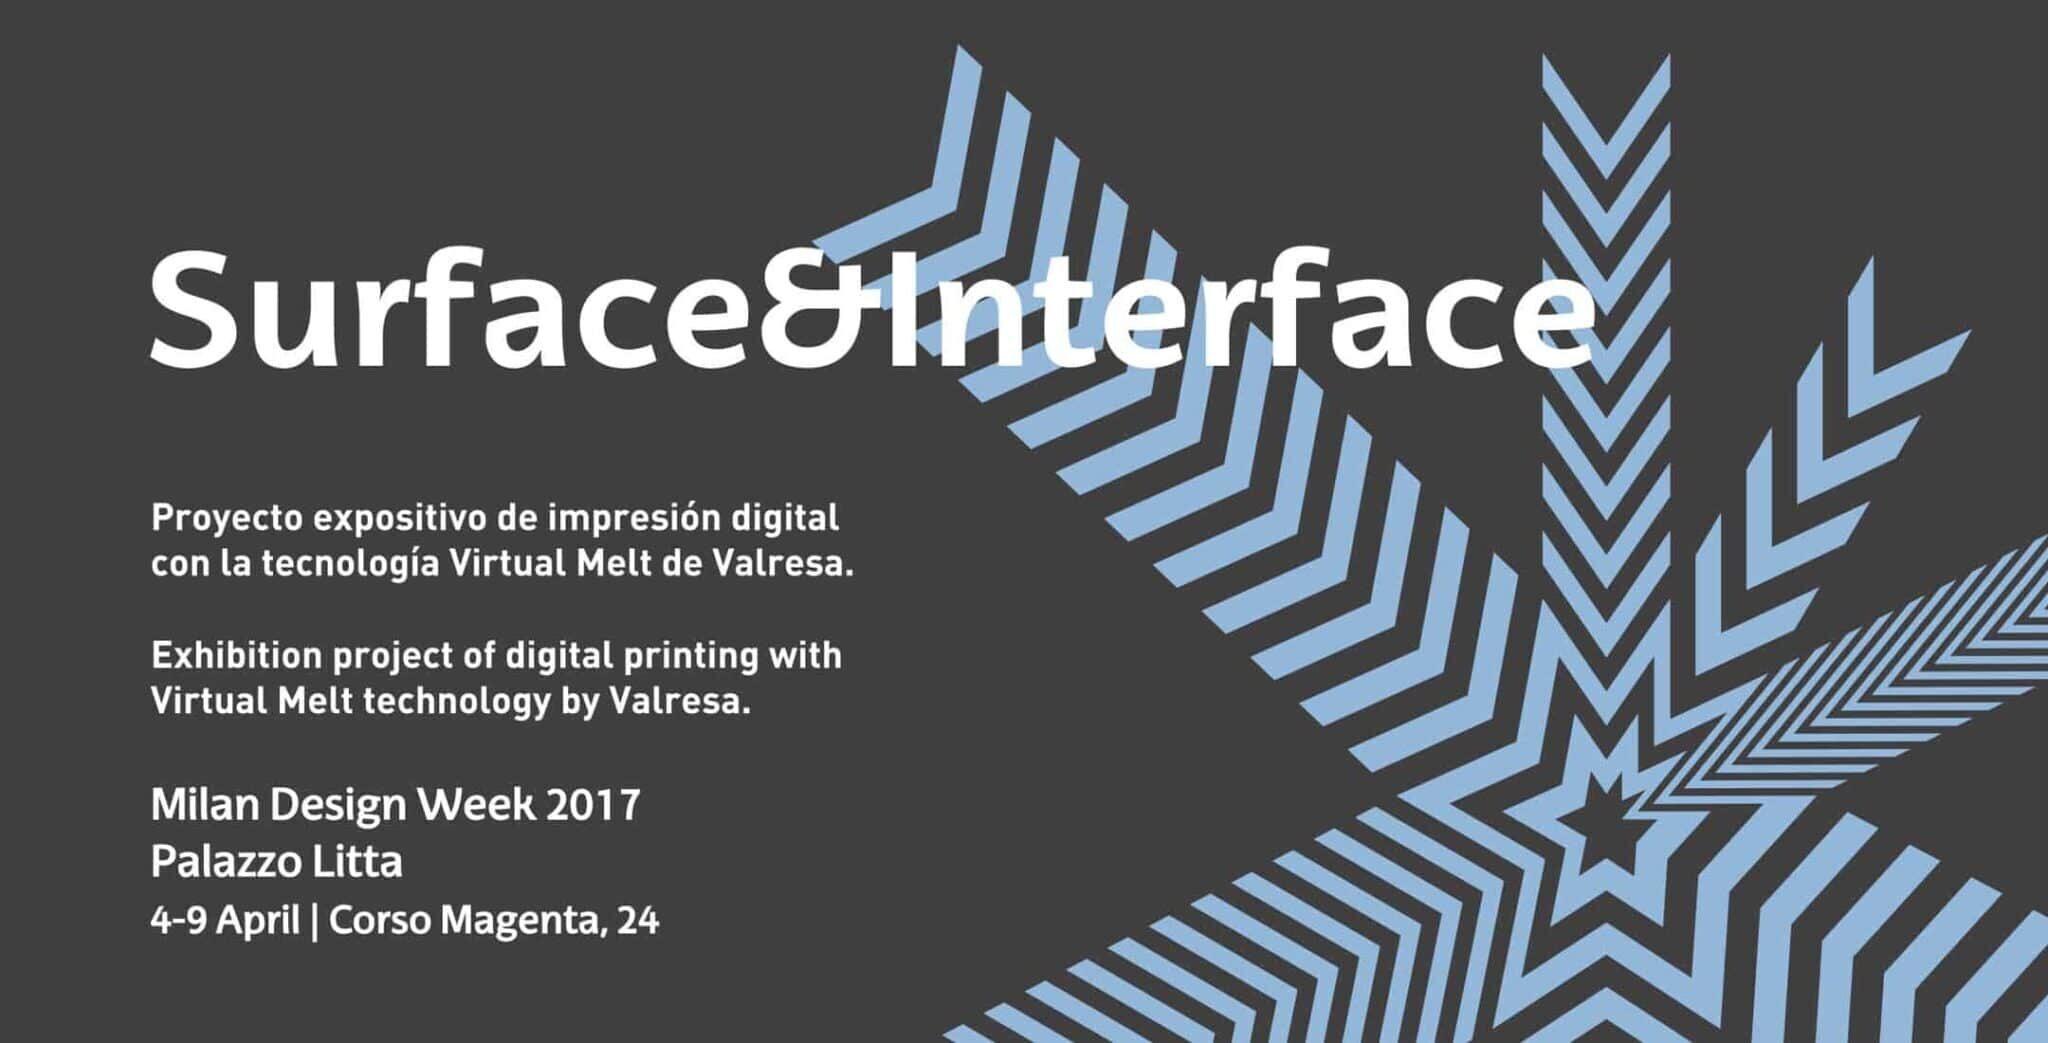 Surface&Interface by Valresa during the Milan Design Week